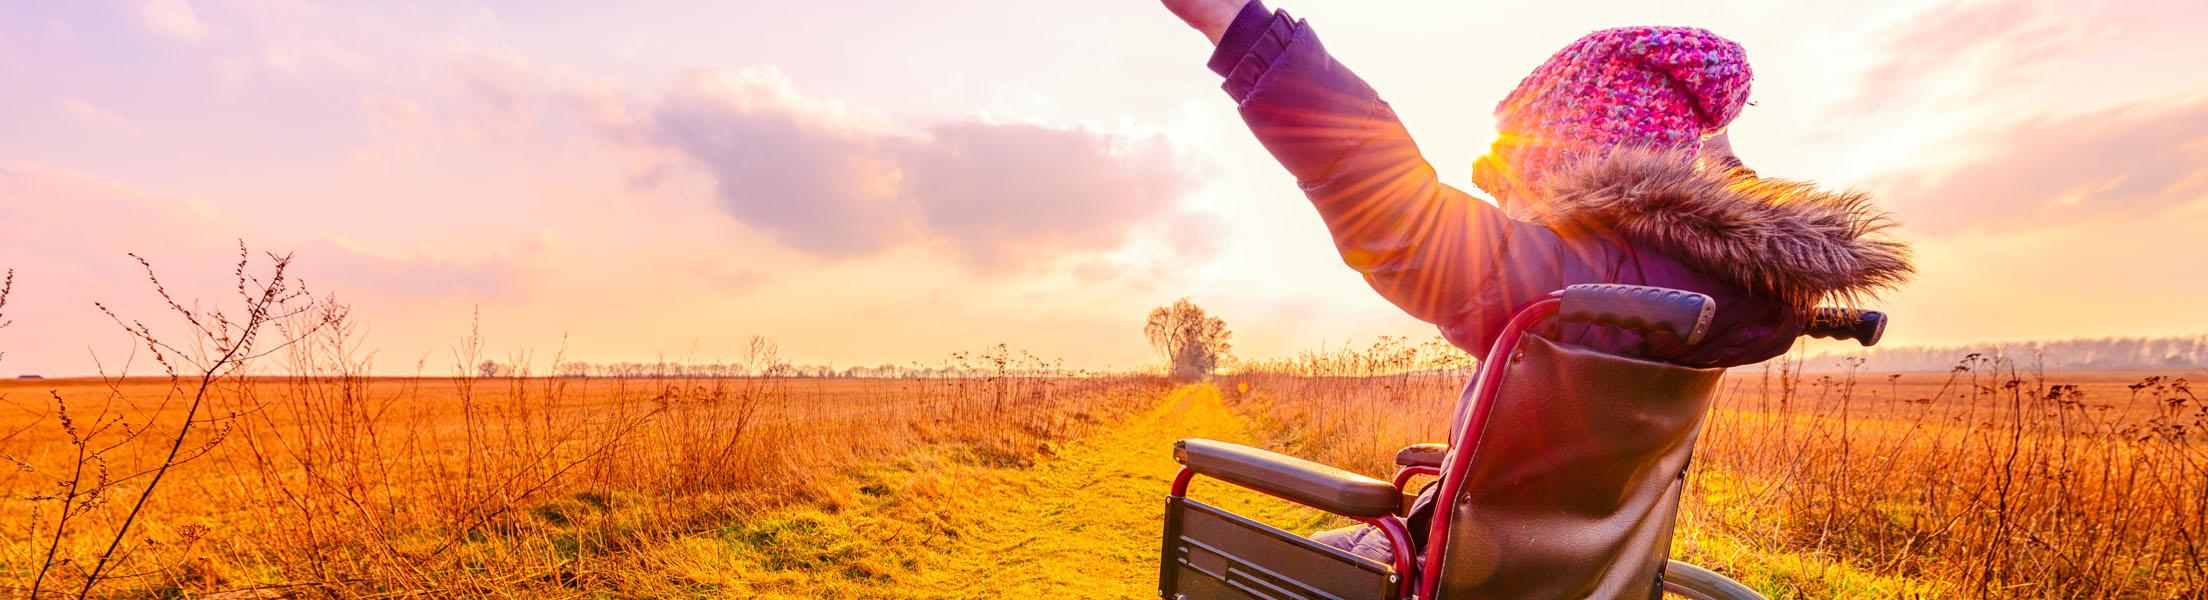 Junge Frau im Rollstuhl (Ansicht von der Seite), die am Feld stehend Richtung Sonne blickt.